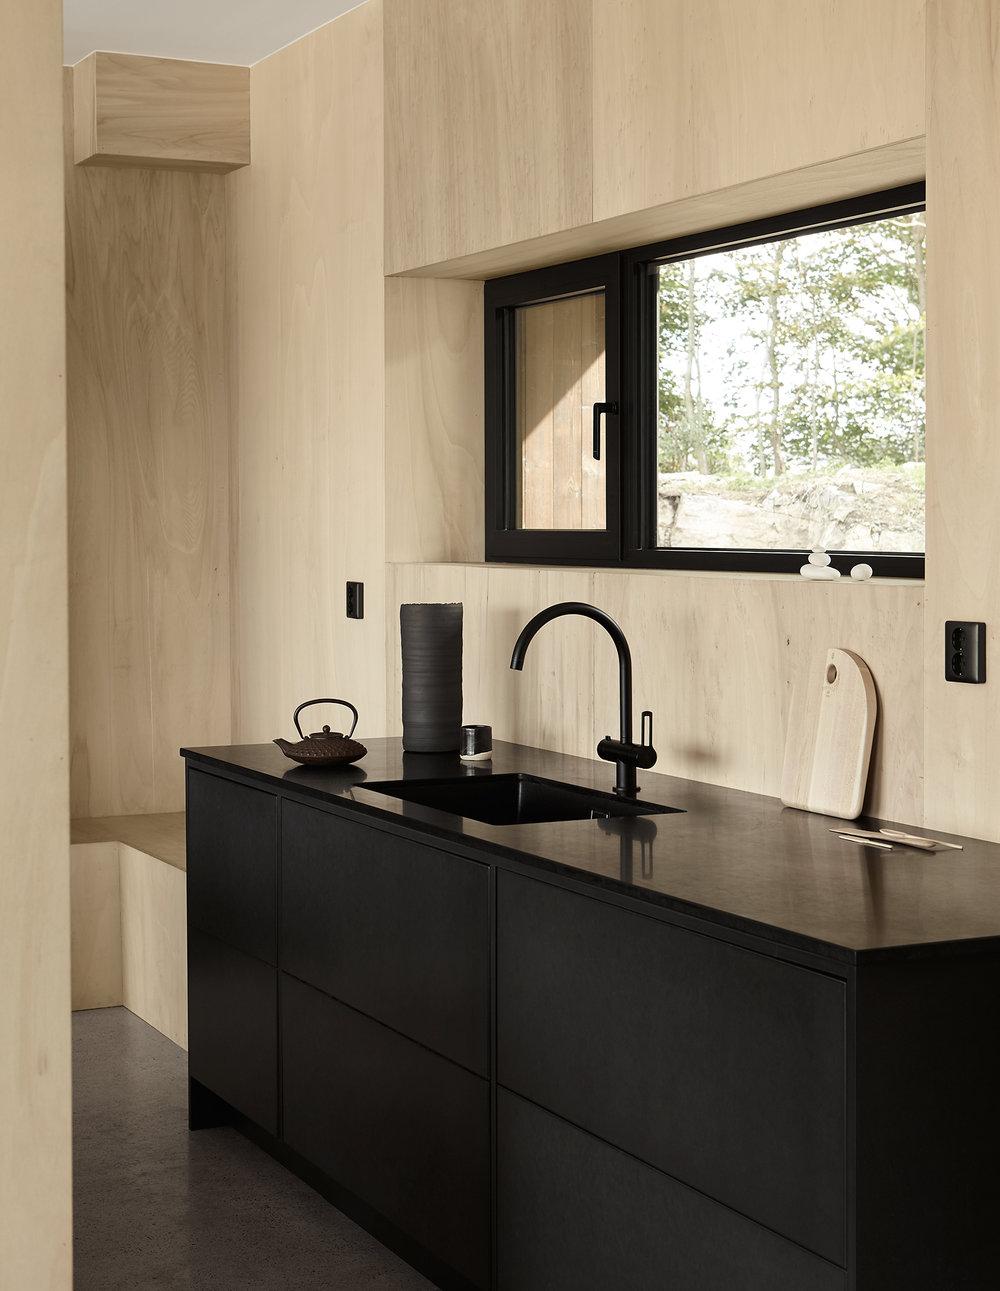 Vi har tillsammans med konstnären Emma Bernhard skapat detta svarta valchromatkök till hennes hem i Torekov. En svart, matt granitbänkskiva tillsammans med de svarta detaljerna skapar en kontrast till väggarnas varma trätoner. De tre kökssektionerna blir rummets mitt och ger en unik och minimalistisk köksmiljö.   Pris på förfrågan    Se fler bilder